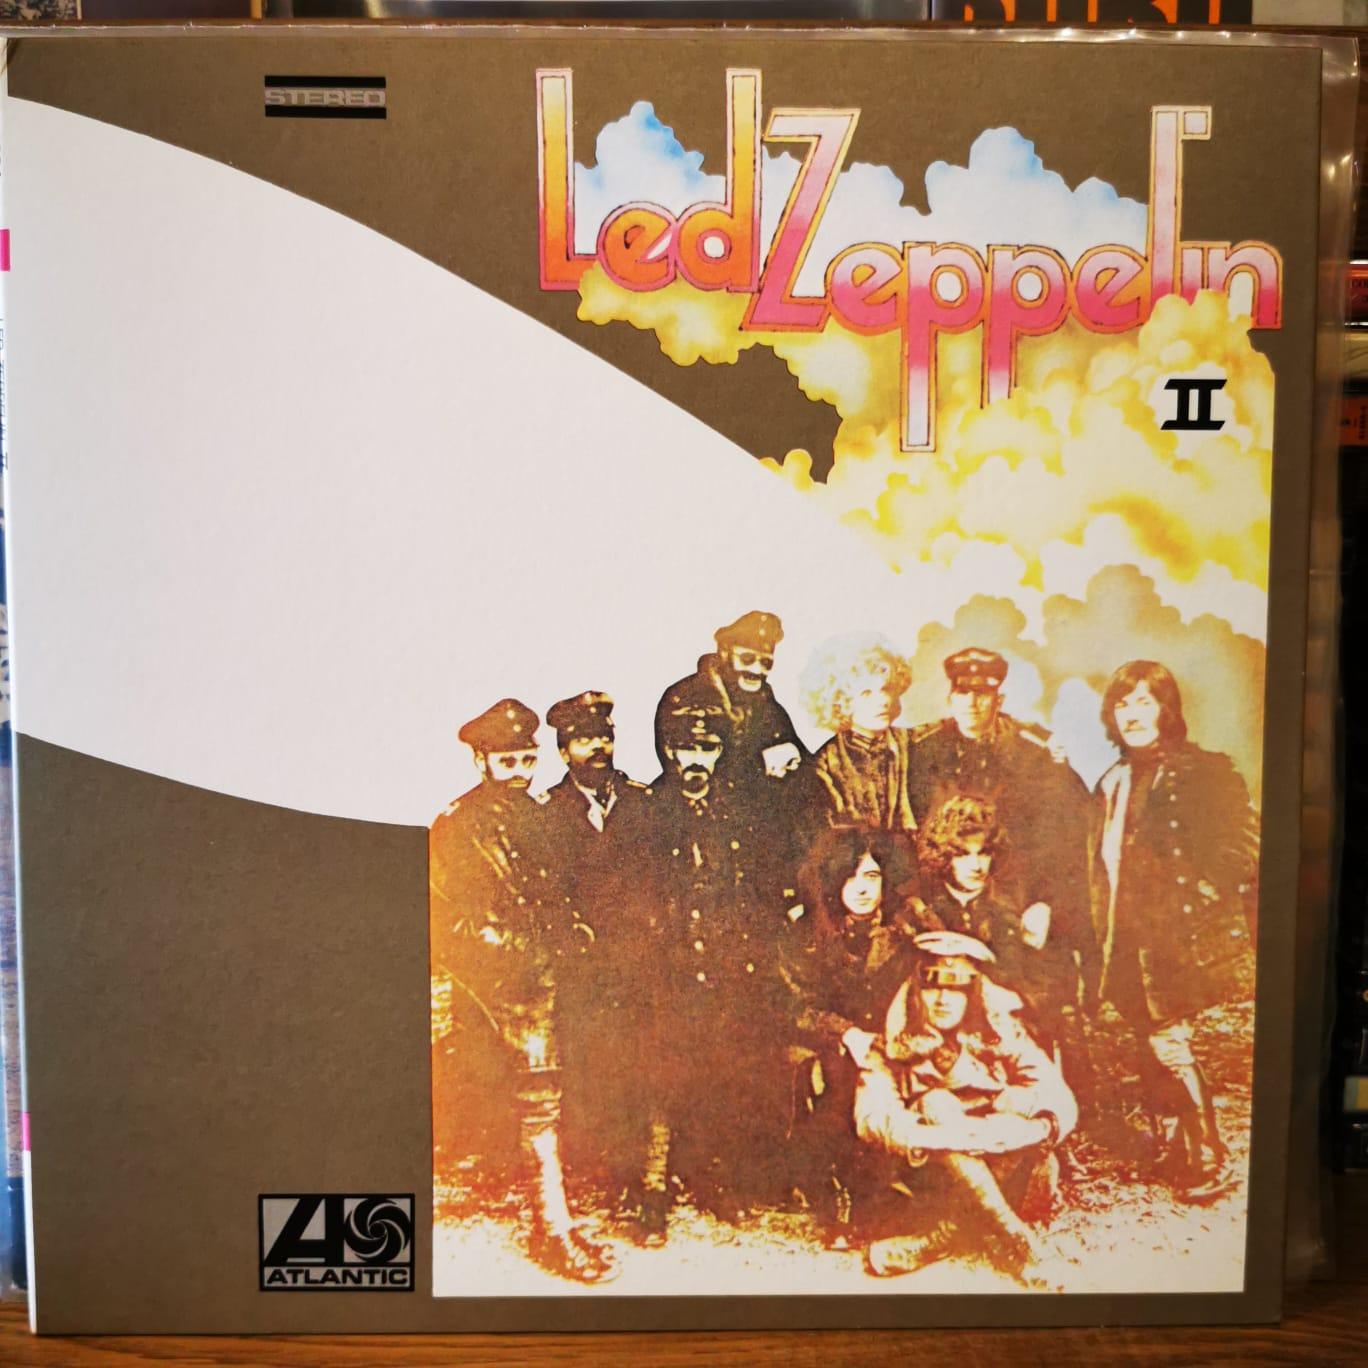 LED ZEPPELIN - LED ZEPPELIN II - Vinyl, LP, Album